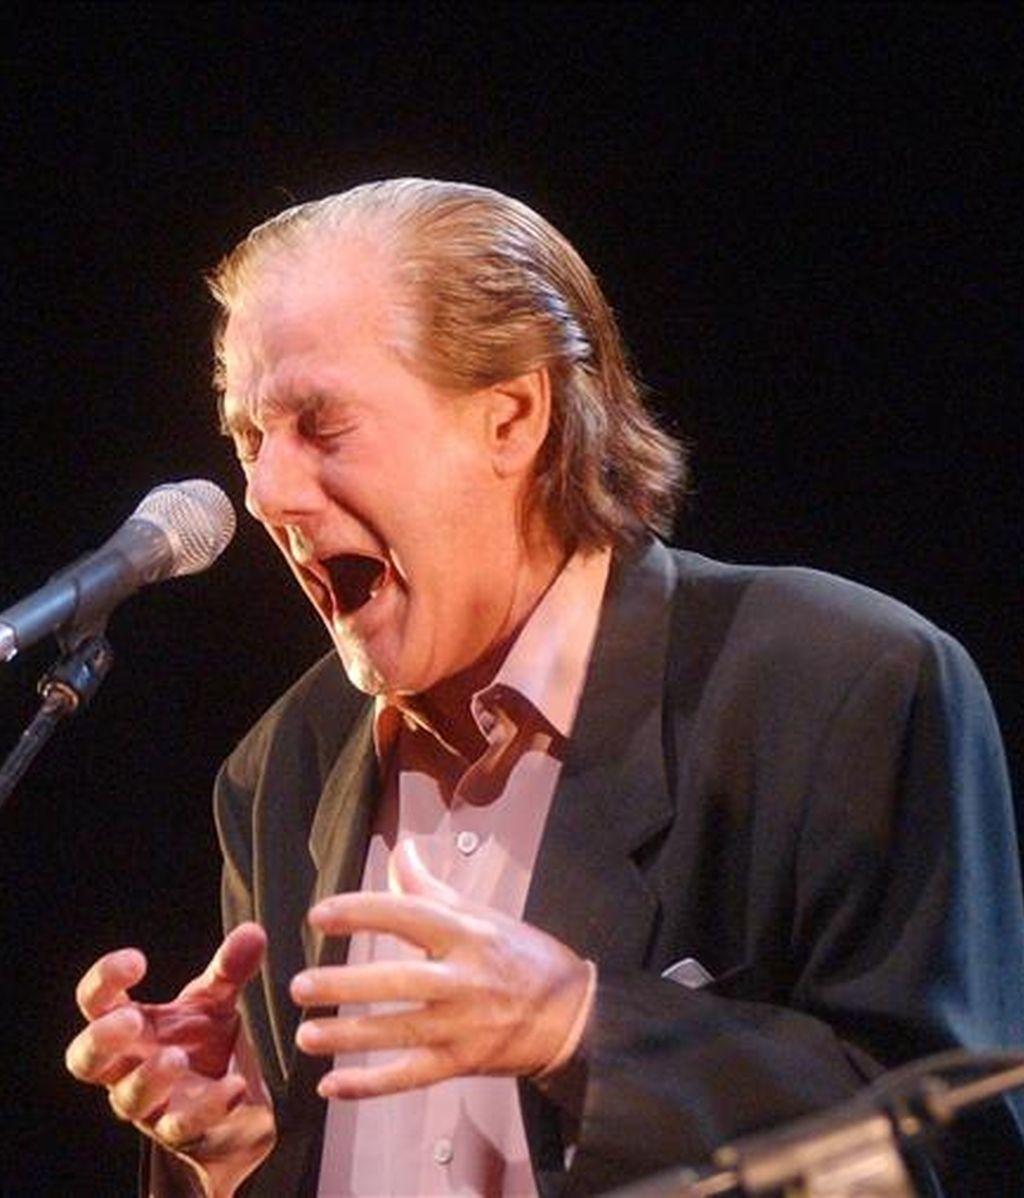 El cantaor Chano Lobato, en una actuación. EFE/Archivo